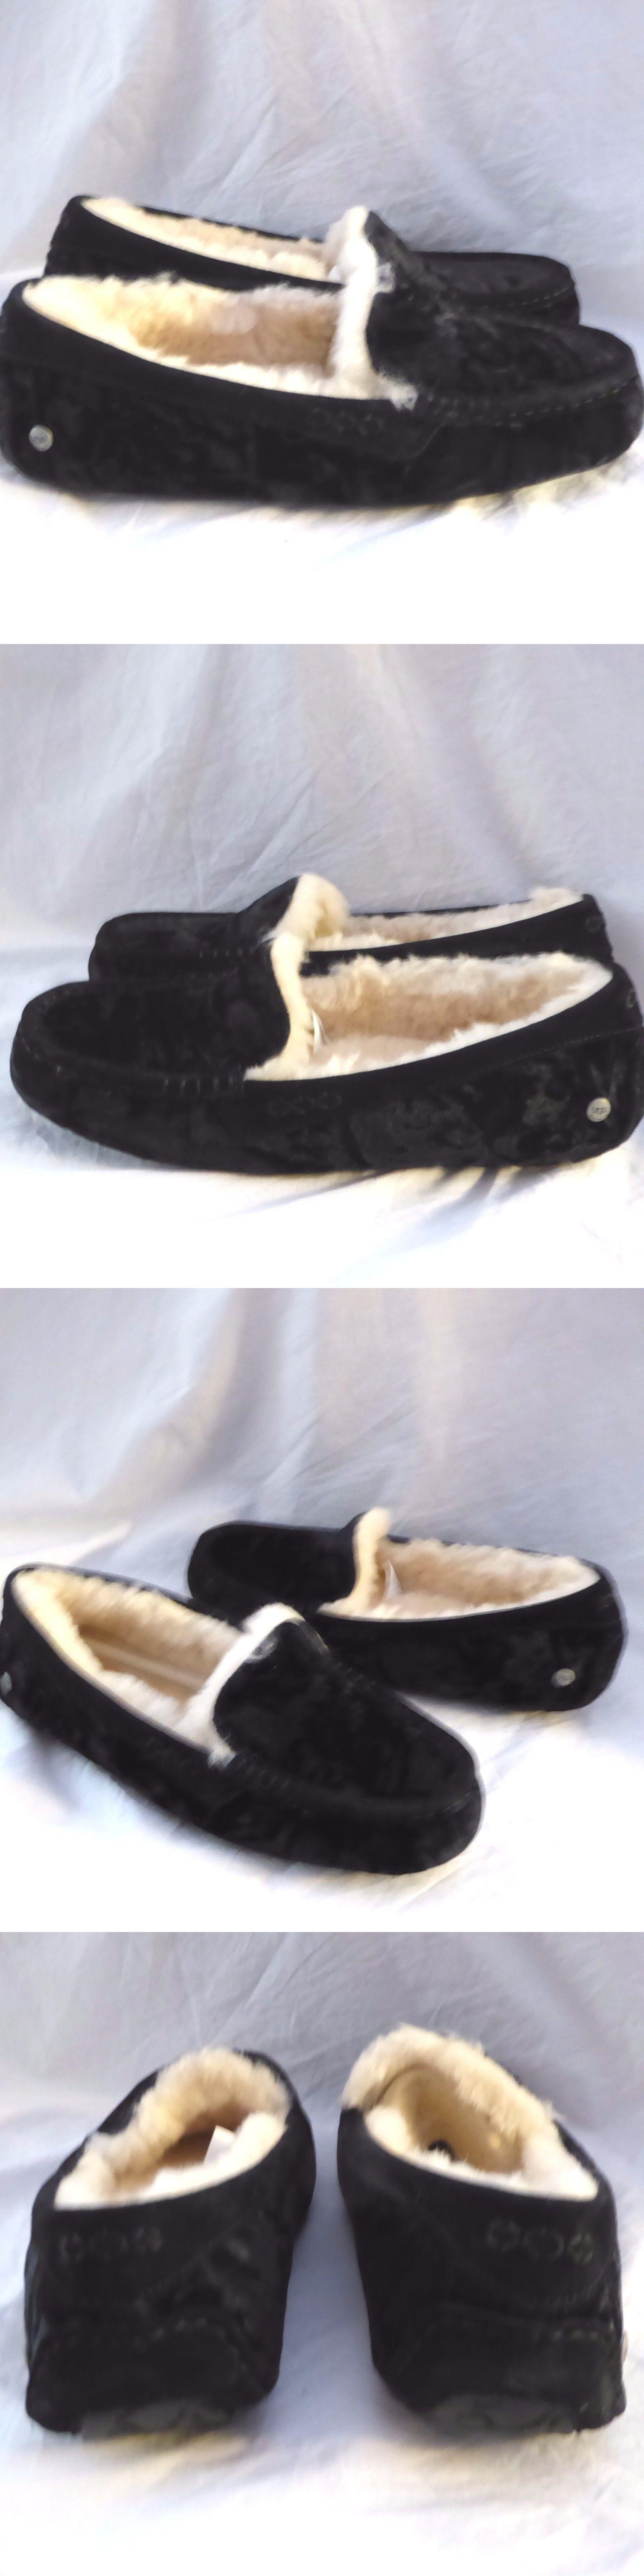 ed645874b1e Slippers 11632: Ugg Ansley Black Crushed Velvet Sheepskin Moccasin ...